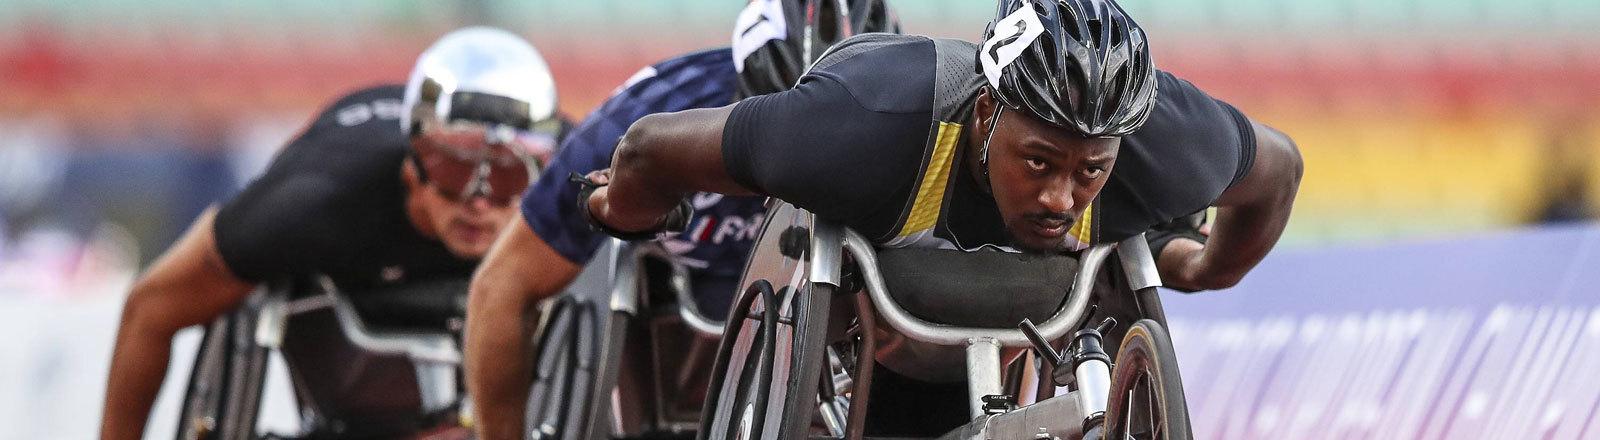 Para Leichtathletik-EM; Berlin, 20.08.2018 5000m - Silber fuer Alhassane Baldé